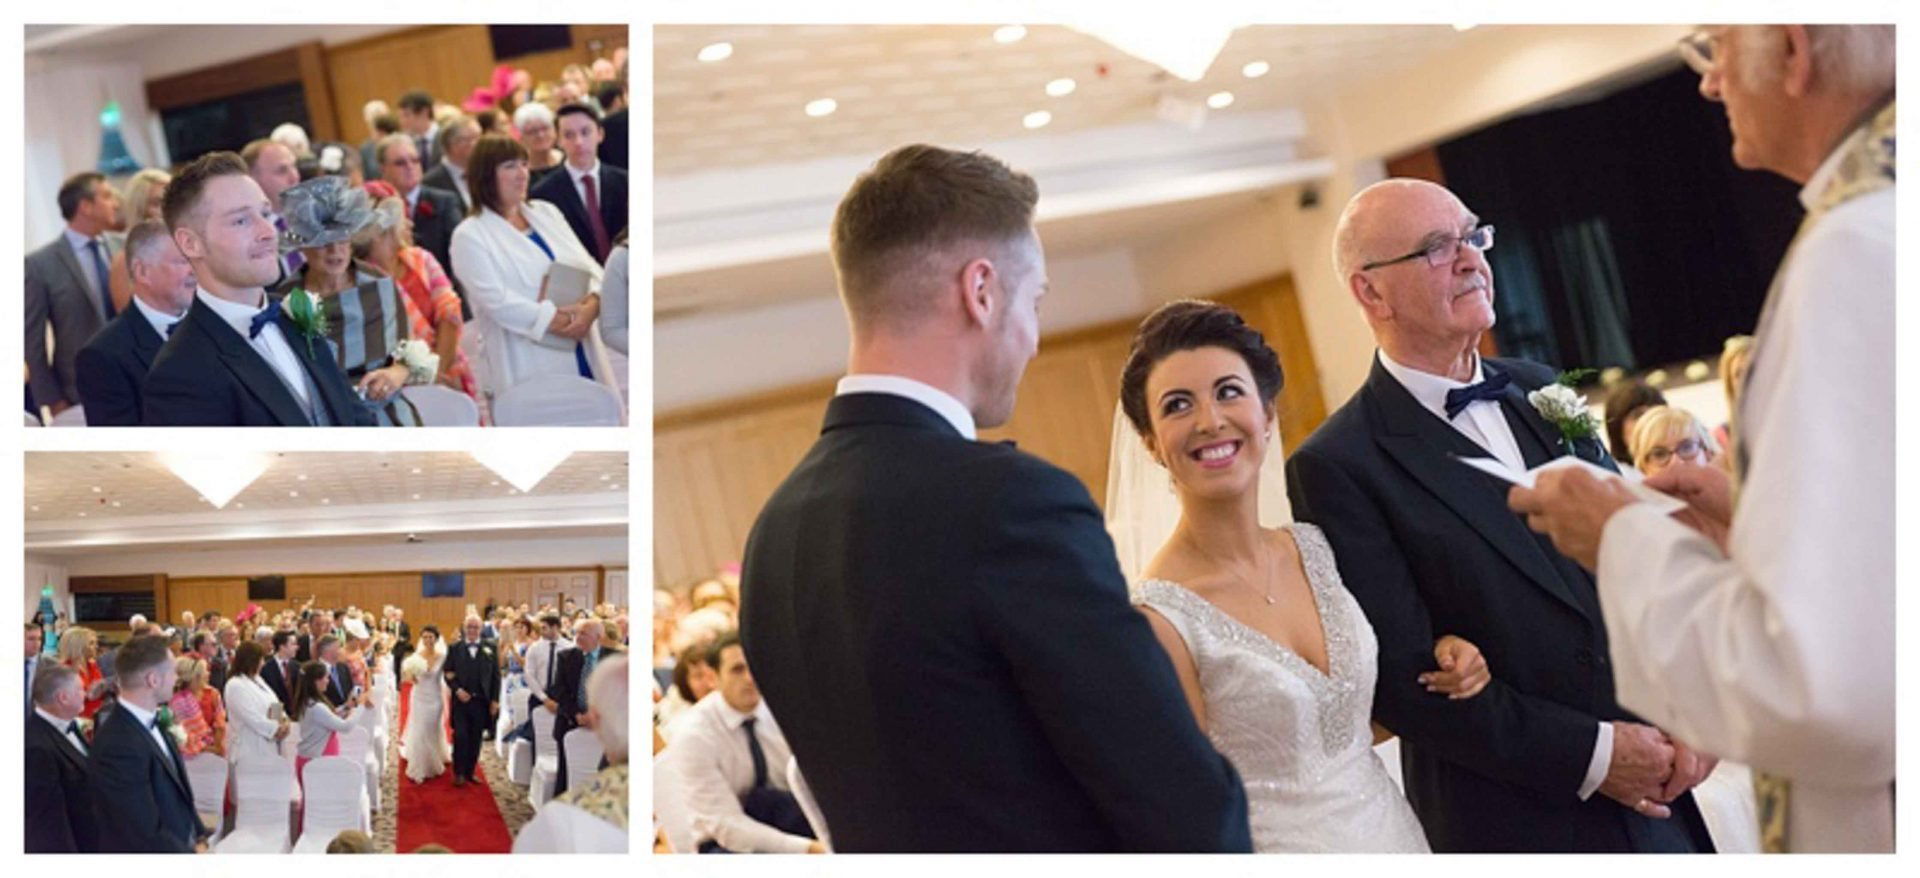 Slieve Donard Wedding Danielle & Glenn by Ricky Parker Photography-27